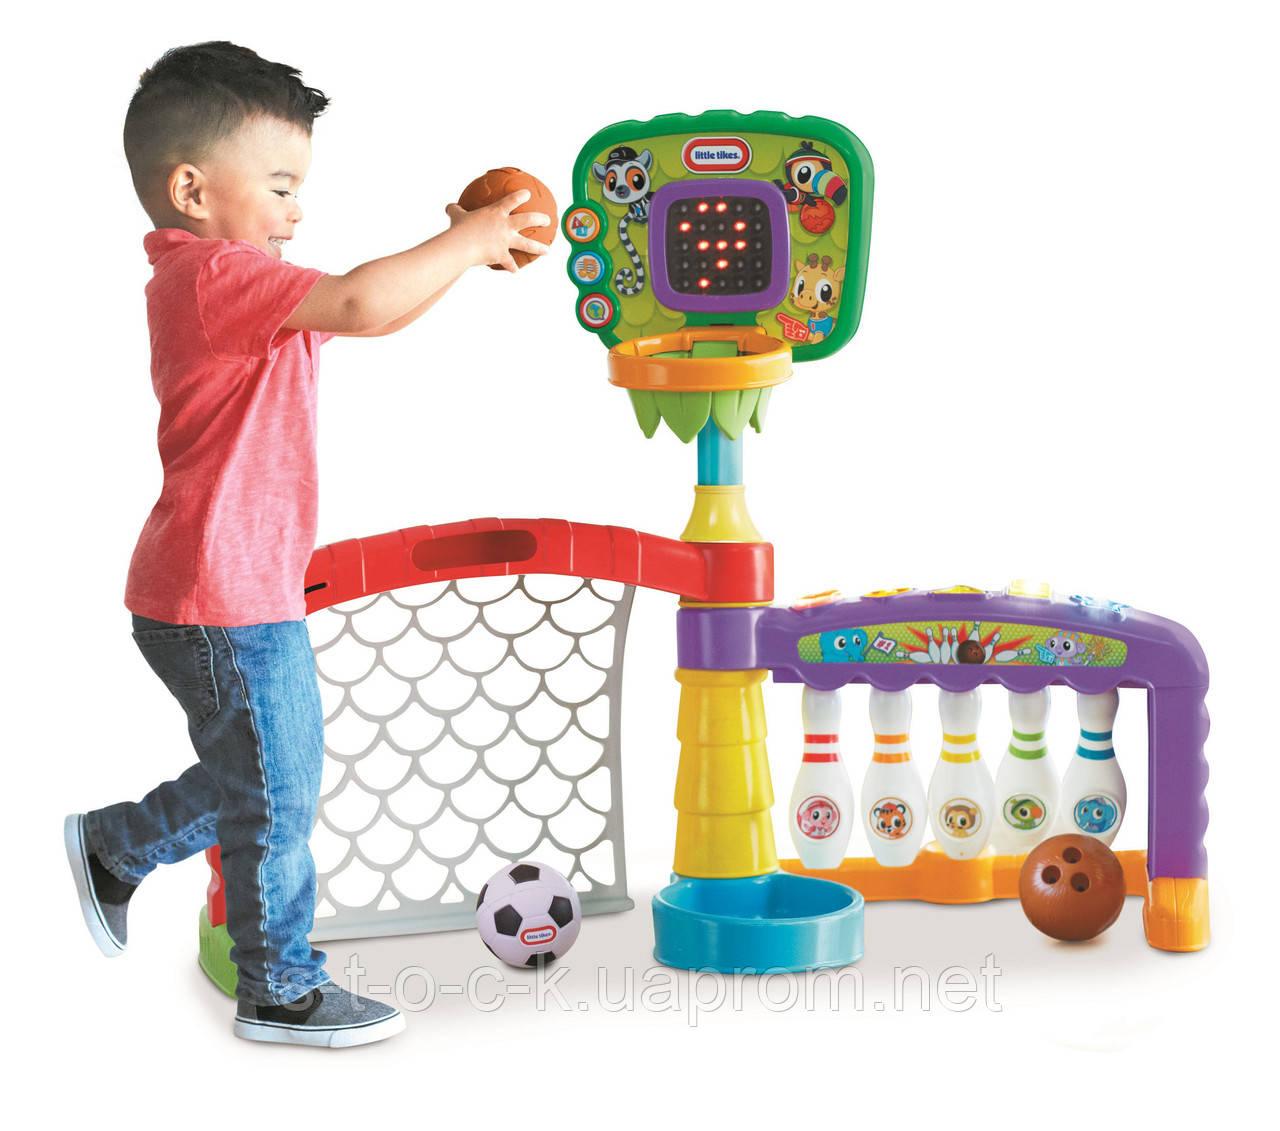 Little Tikes Sports Активный игровой центр 3в1 Код 643224